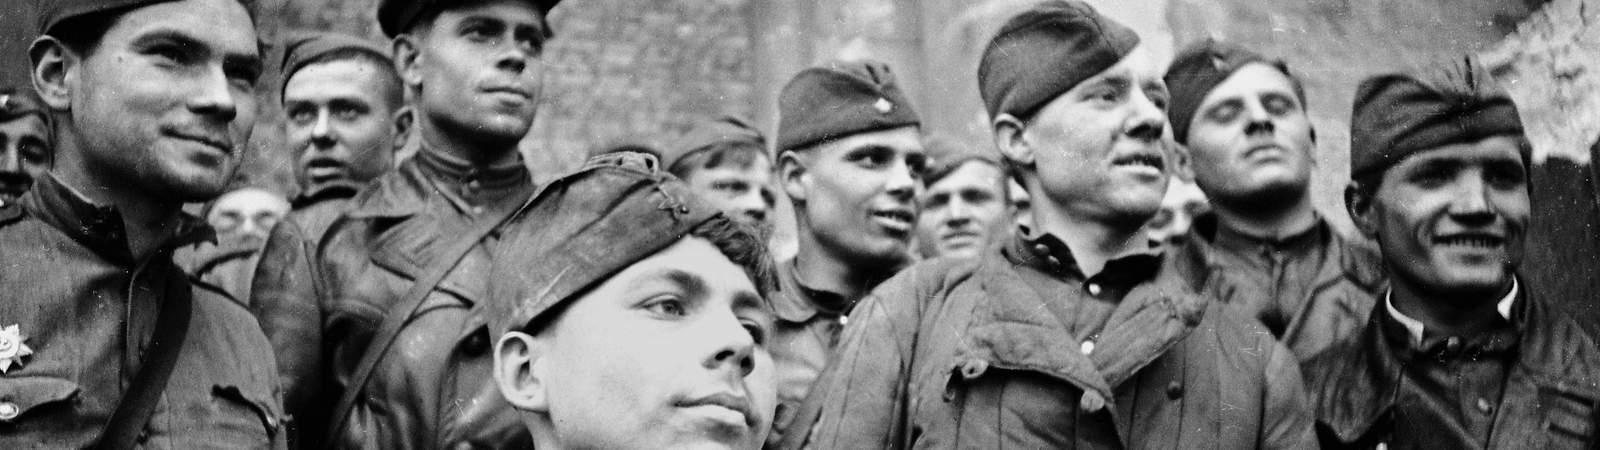 Солдаты 1945